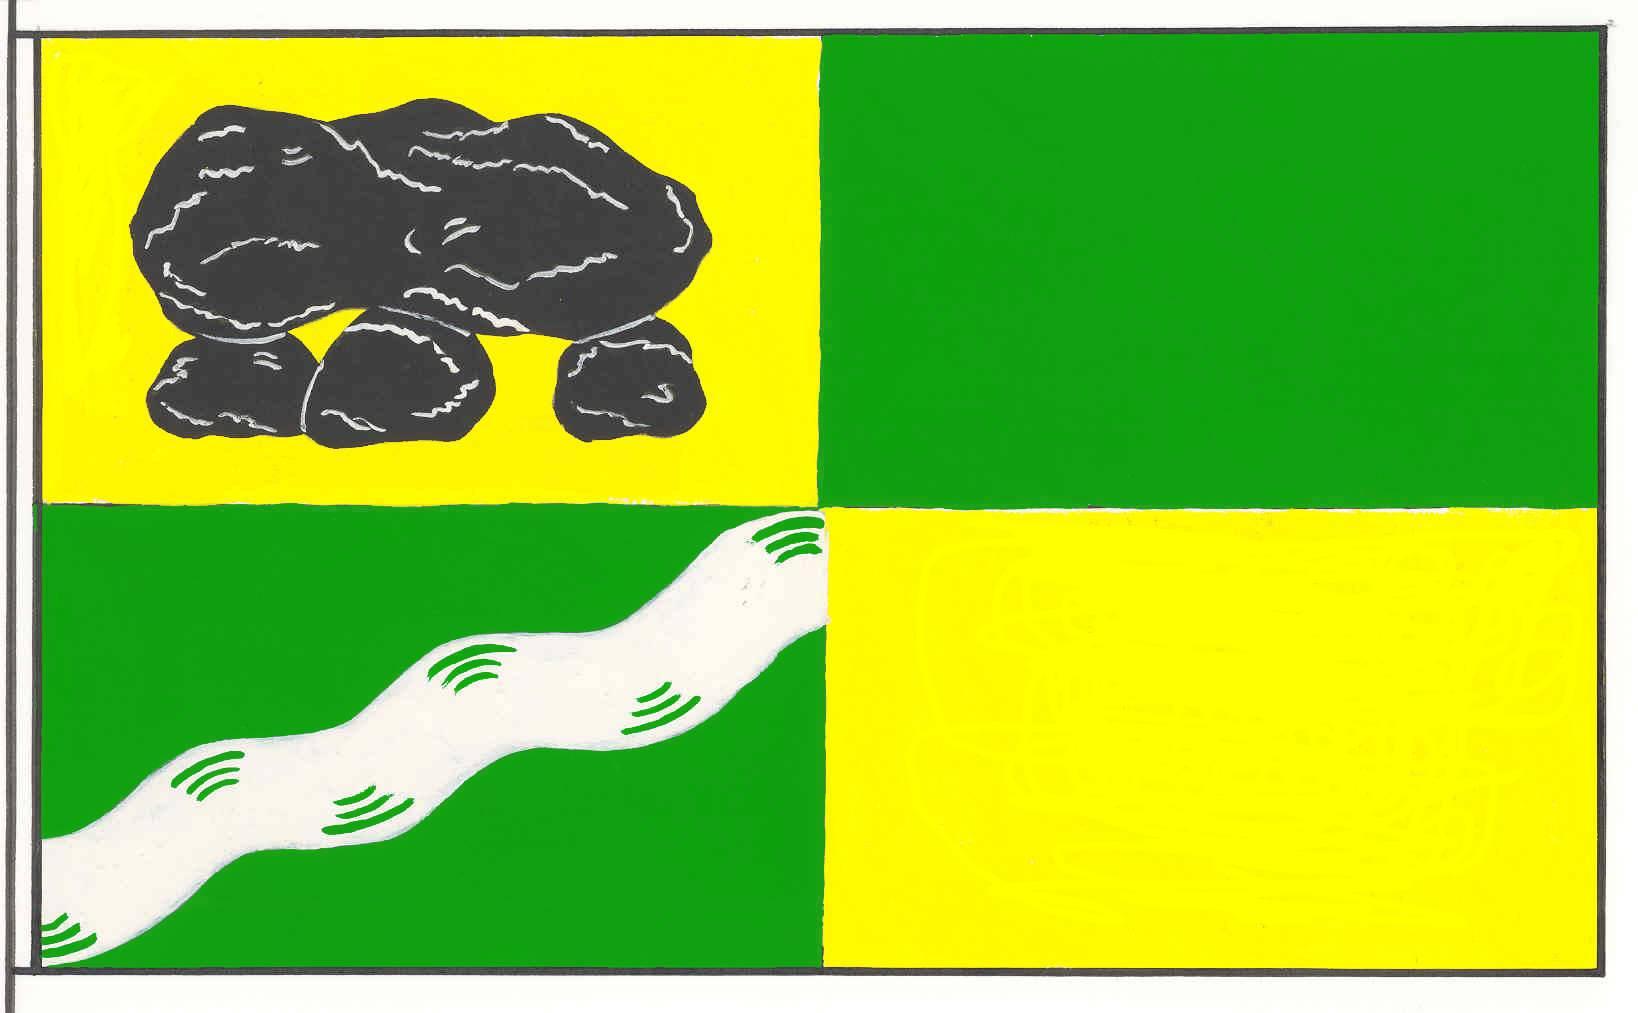 Flagge GemeindeOldersbek, Kreis Nordfriesland